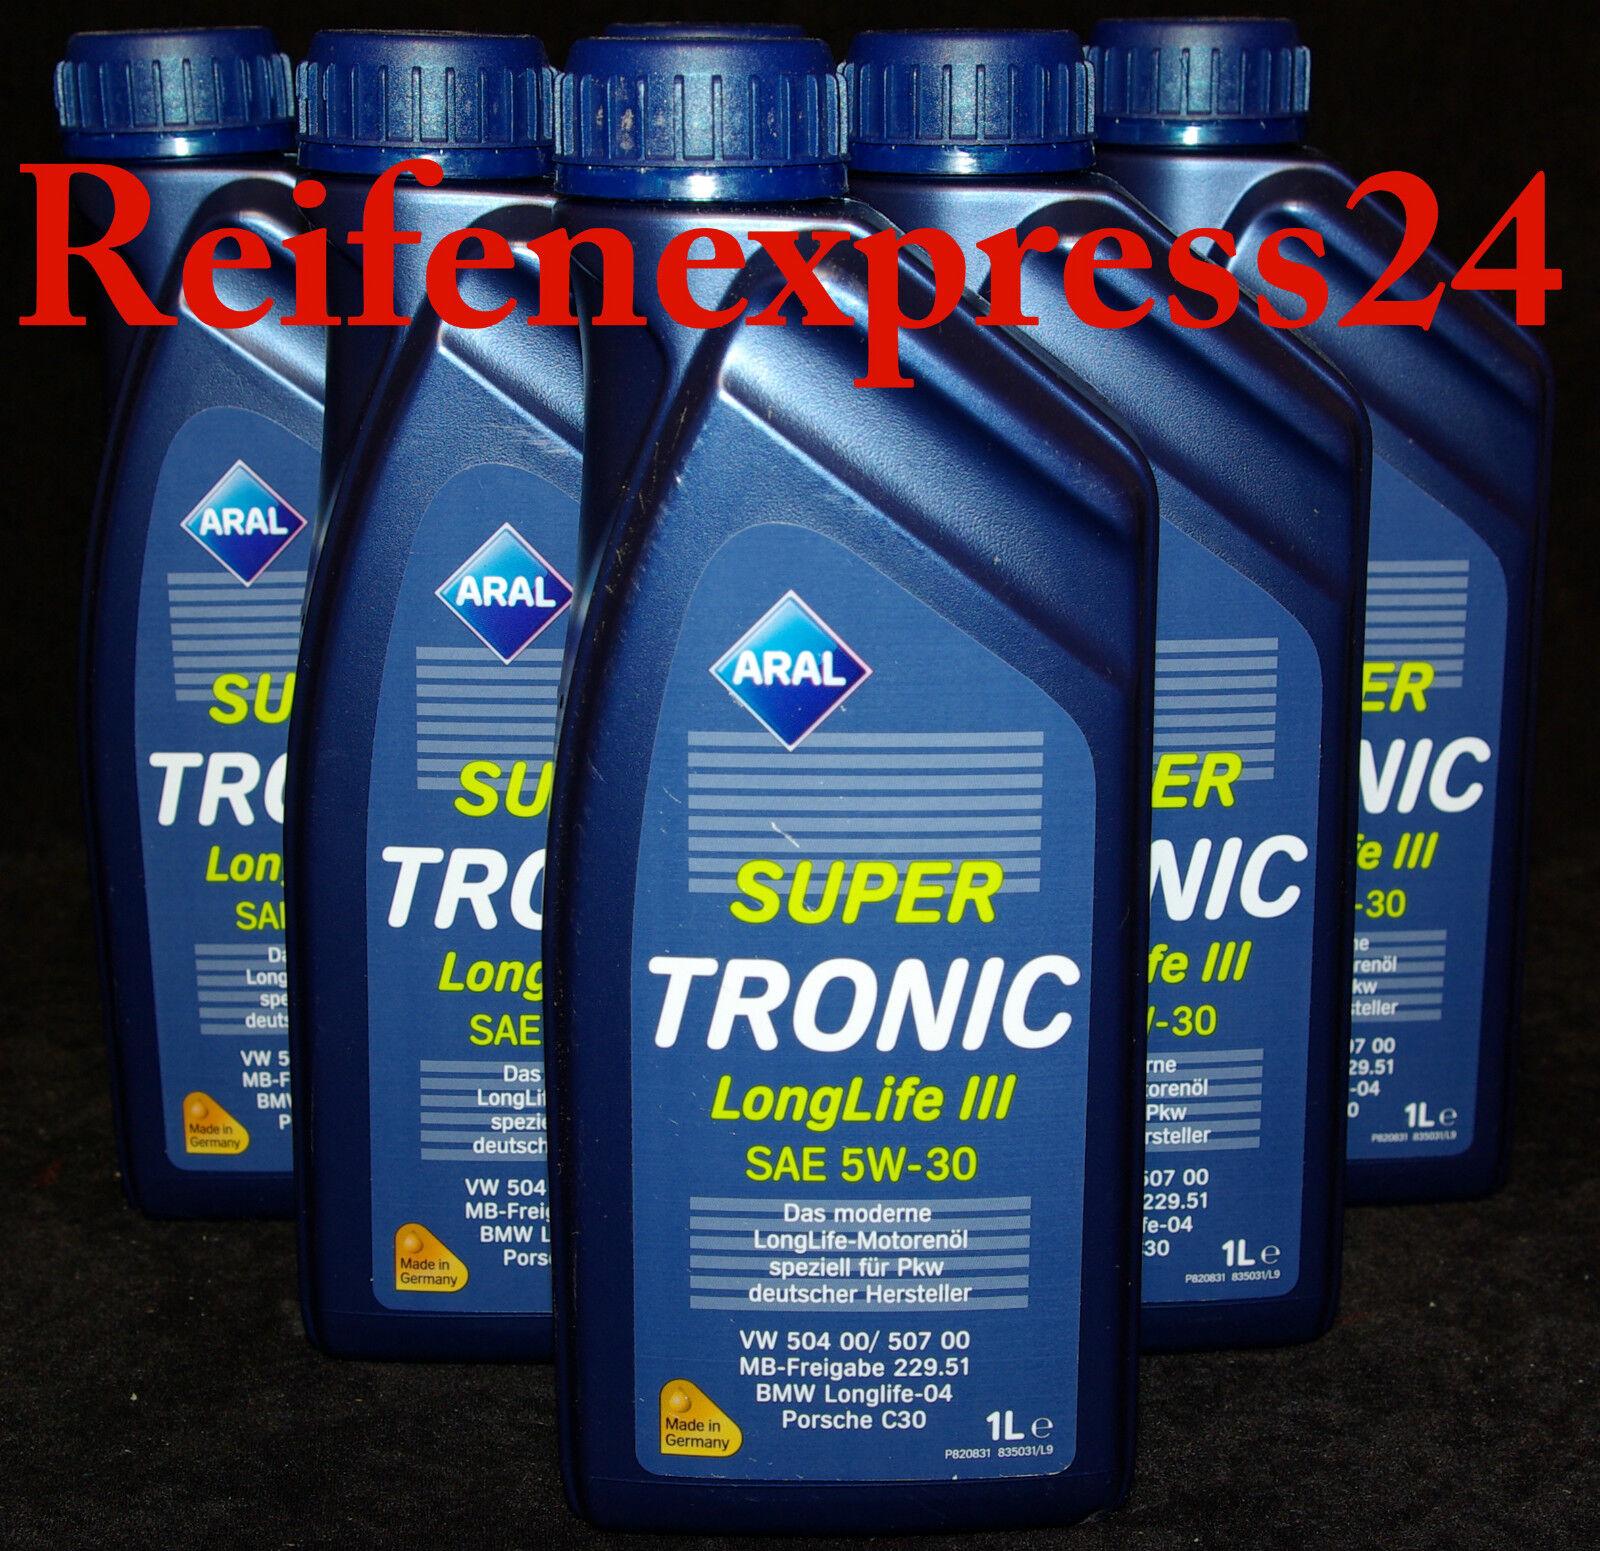 5x1 liter aral supertronic longlife iii 5w 30 motor l vw. Black Bedroom Furniture Sets. Home Design Ideas